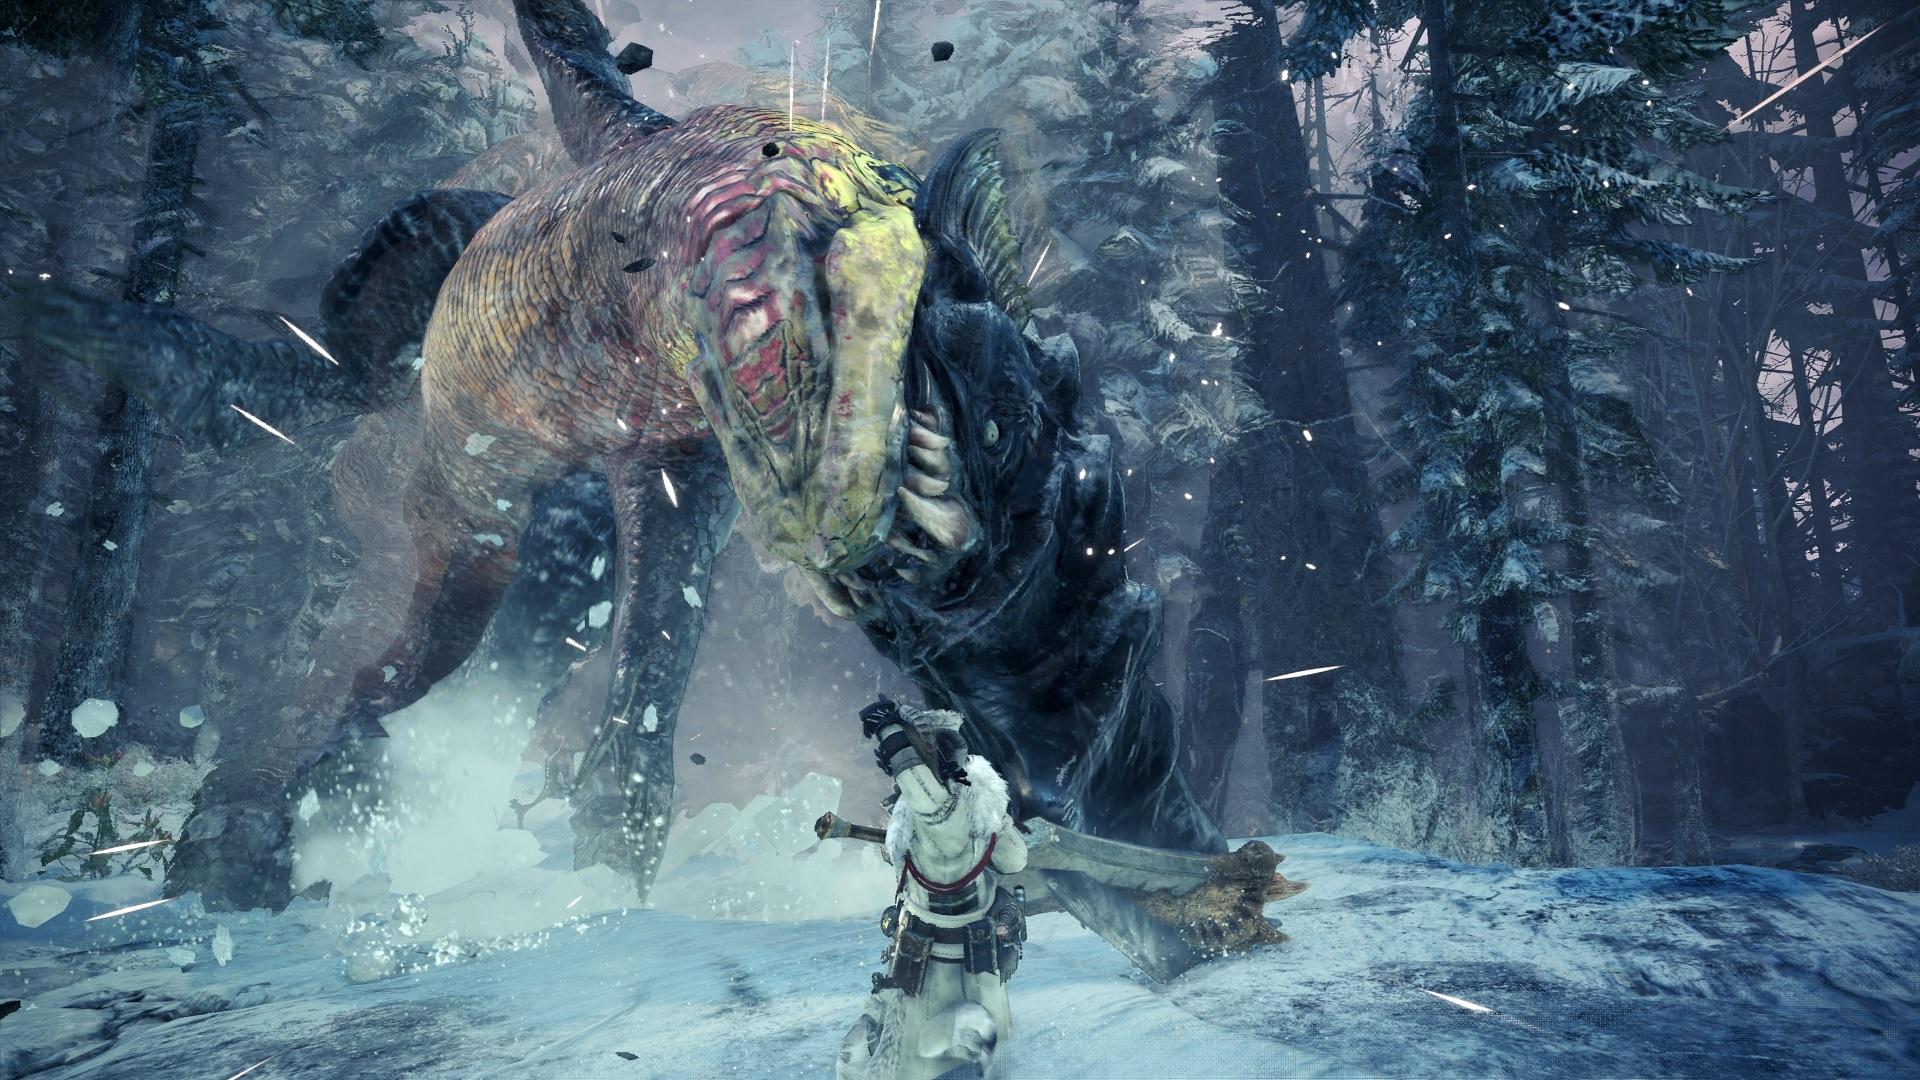 Monster Hunter World Iceborne Game Wallpaper 68439 1920x1080px